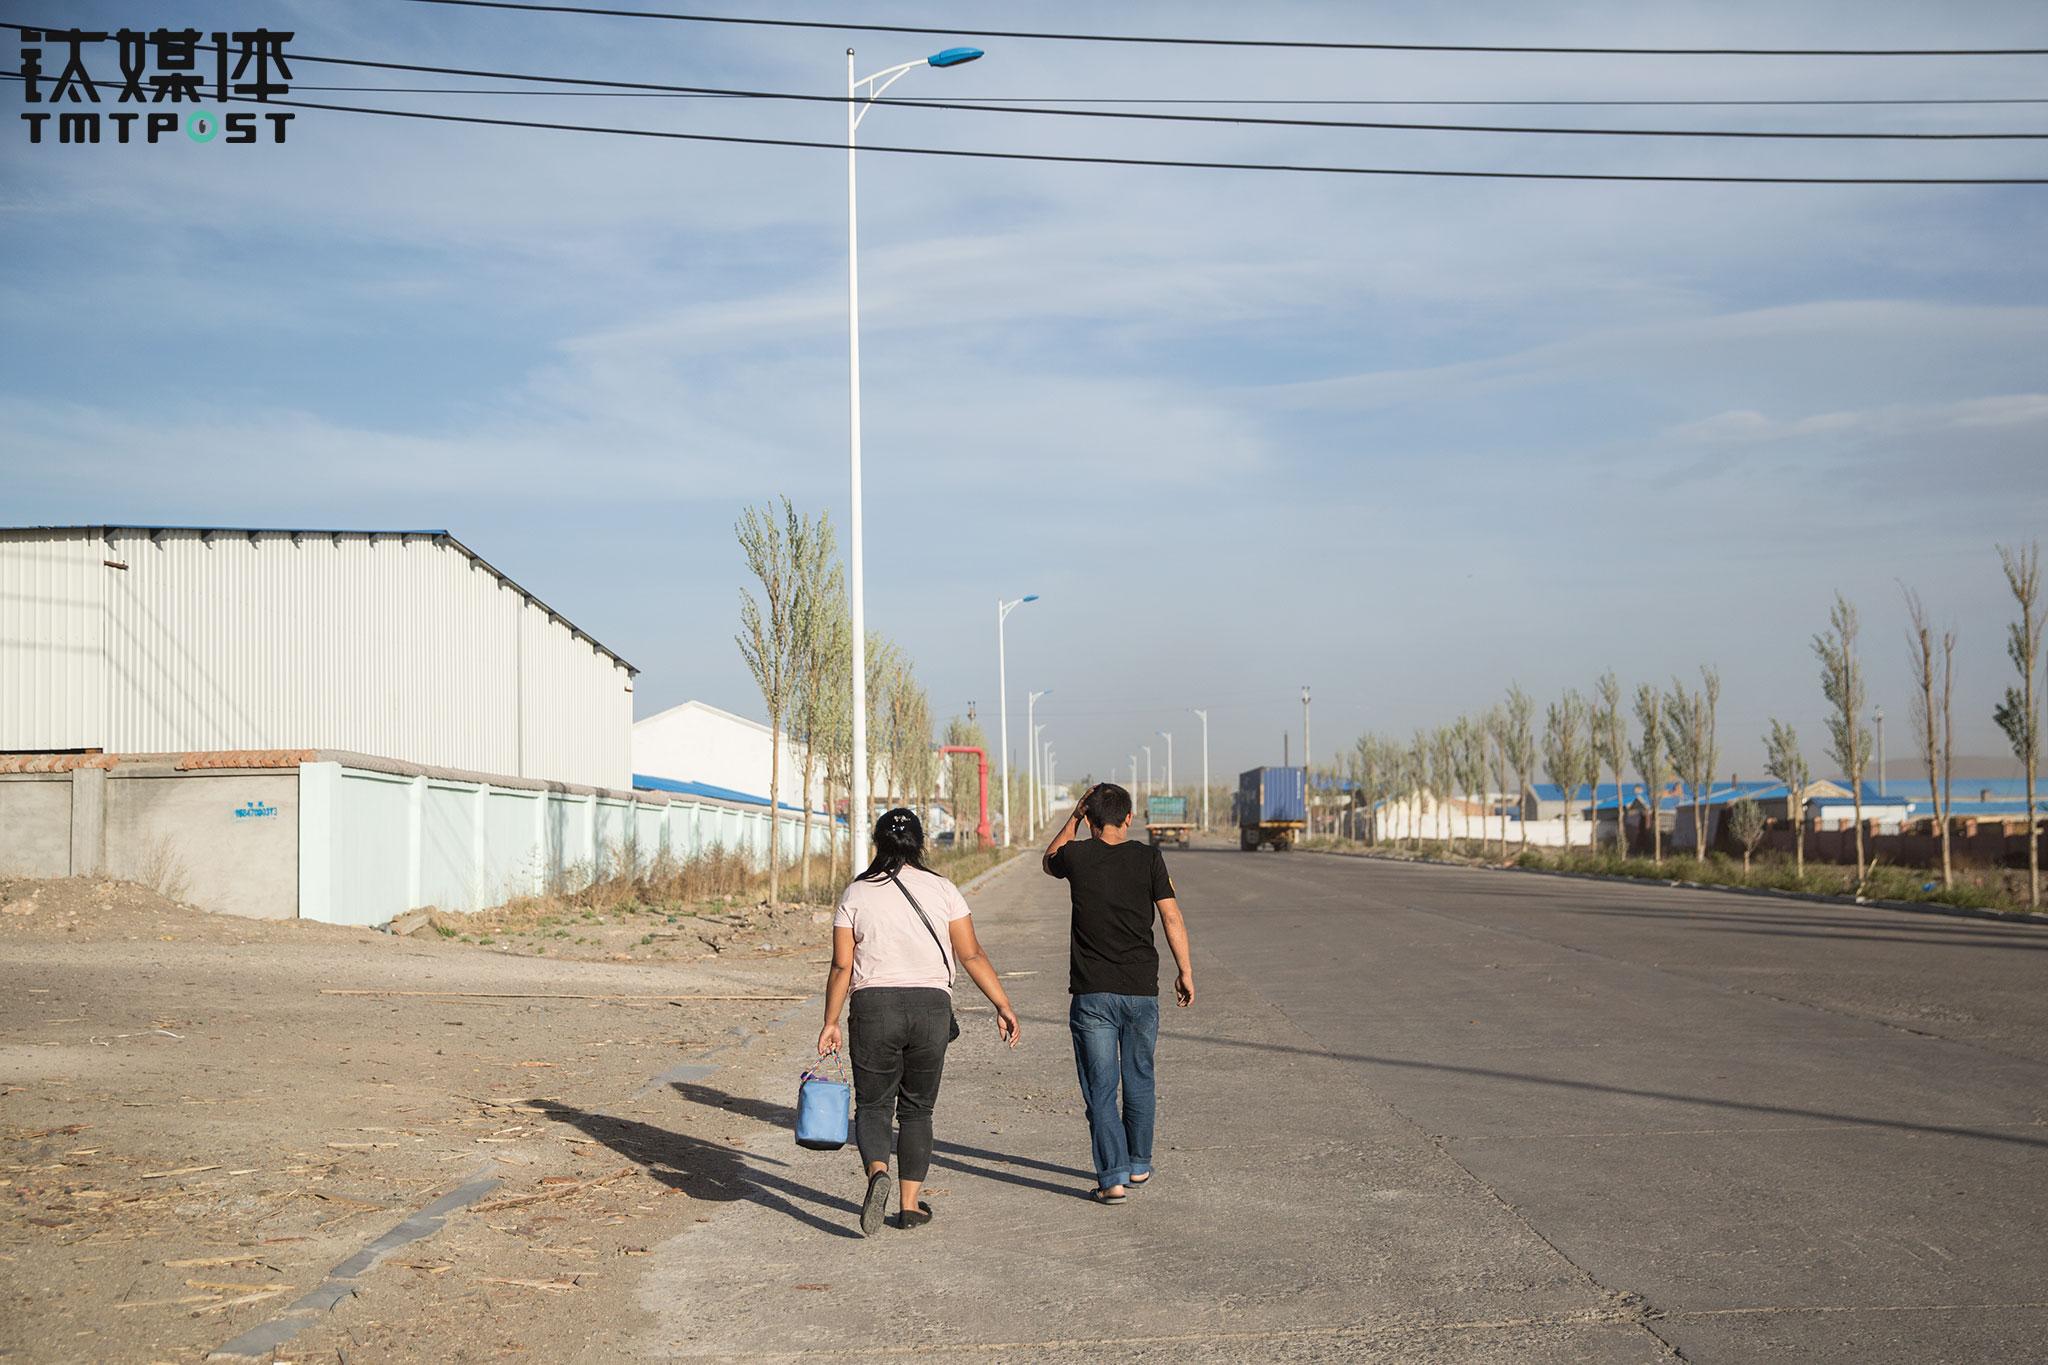 几天后,金强告诉钛媒体《在线》记者,他们到了遵义后,从遵义拉了一车货到了南宁,从南宁又找了一车货回上海。金强和王静开着货车,在中国地图上来回画着圈,这些圈,就是中国的大动脉。